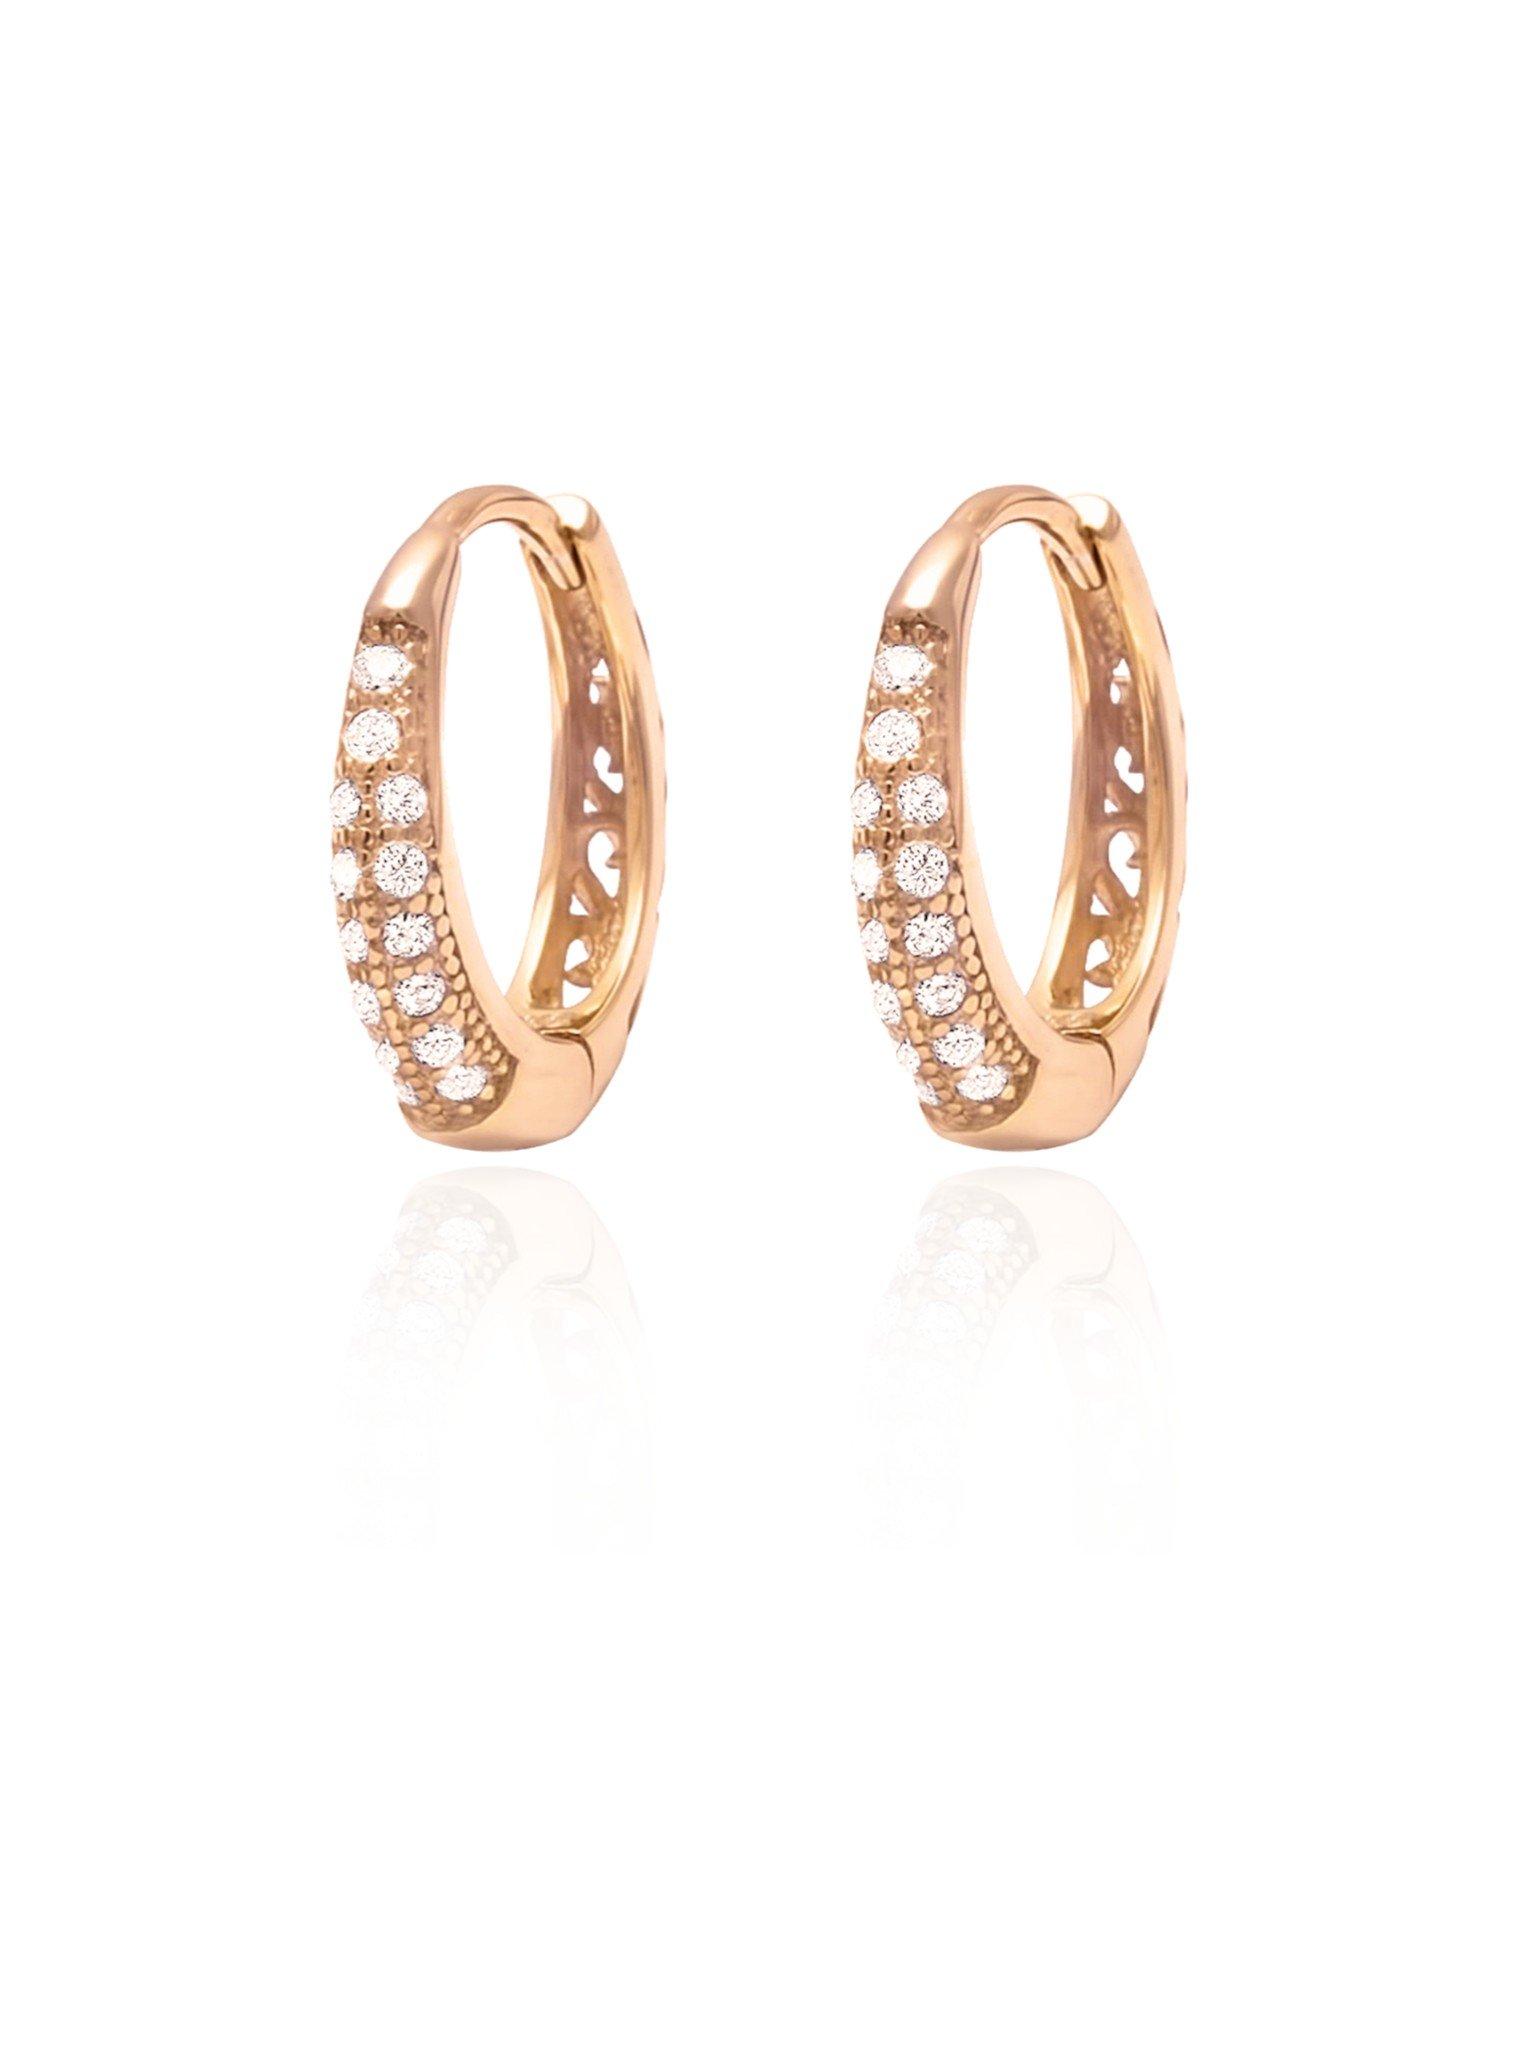 Gigi Huggie Cz Hoop Earrings in Rose Gold